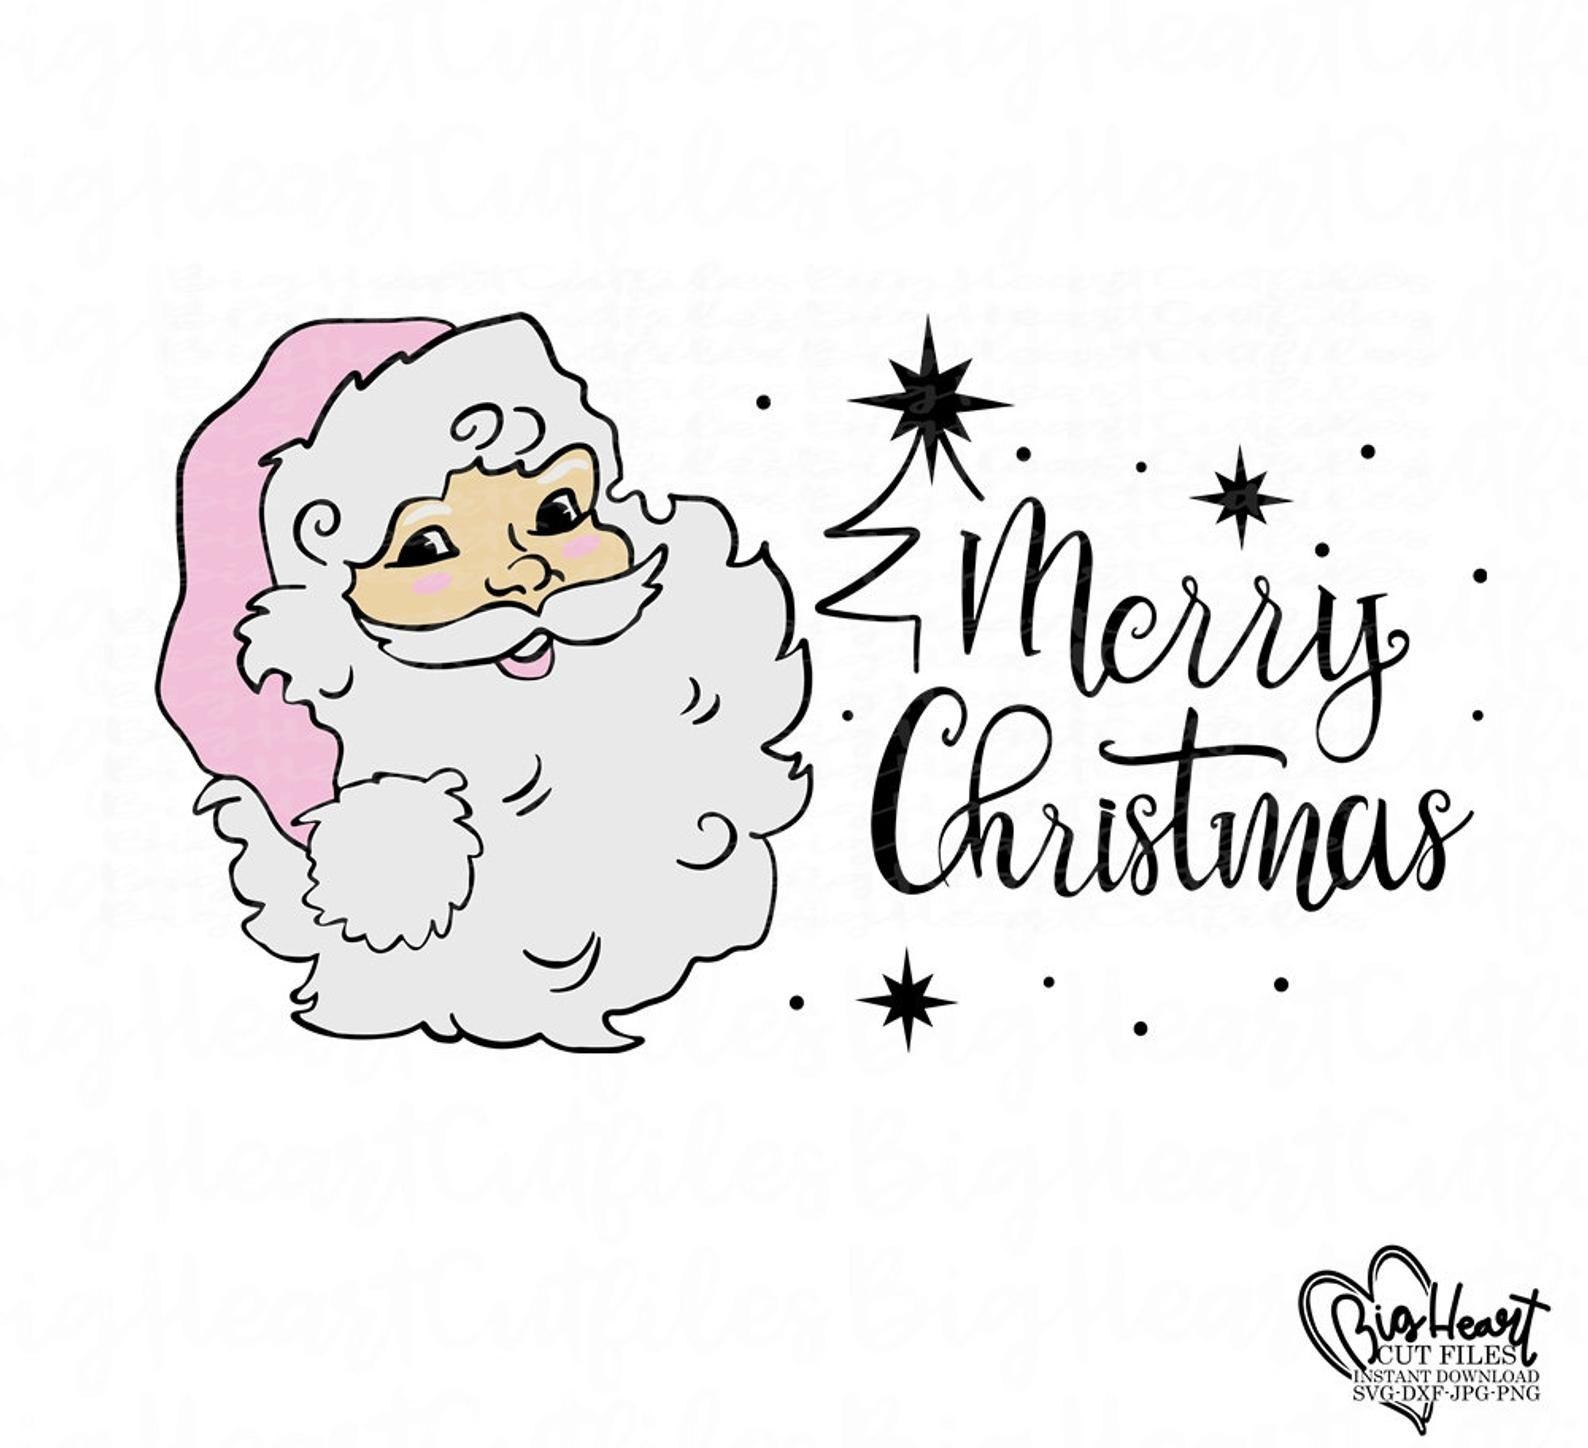 Santa Claus Svgsanta Face Svgpngjpgdxfsanta Head Etsy Santa Face Vintage Santas Christmas Svg